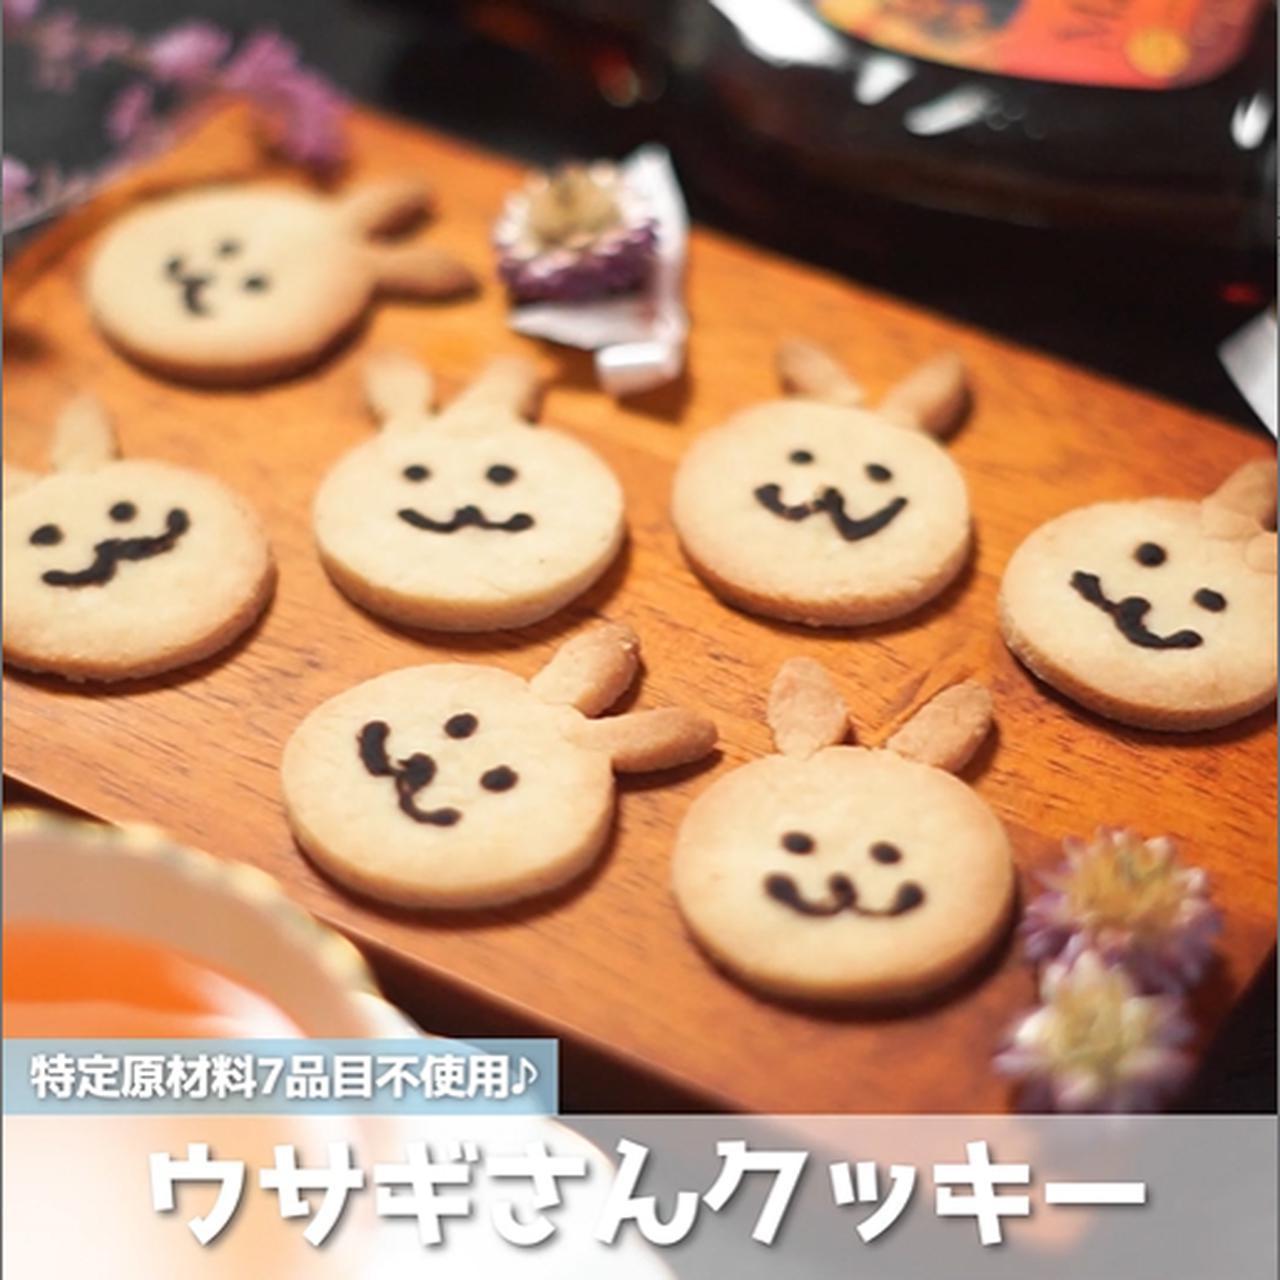 画像: おやつにも‼ギフトにも‼混ぜて焼くだけのシンプルレシピ 米粉のうさぎさんクッキー - 君とごはん